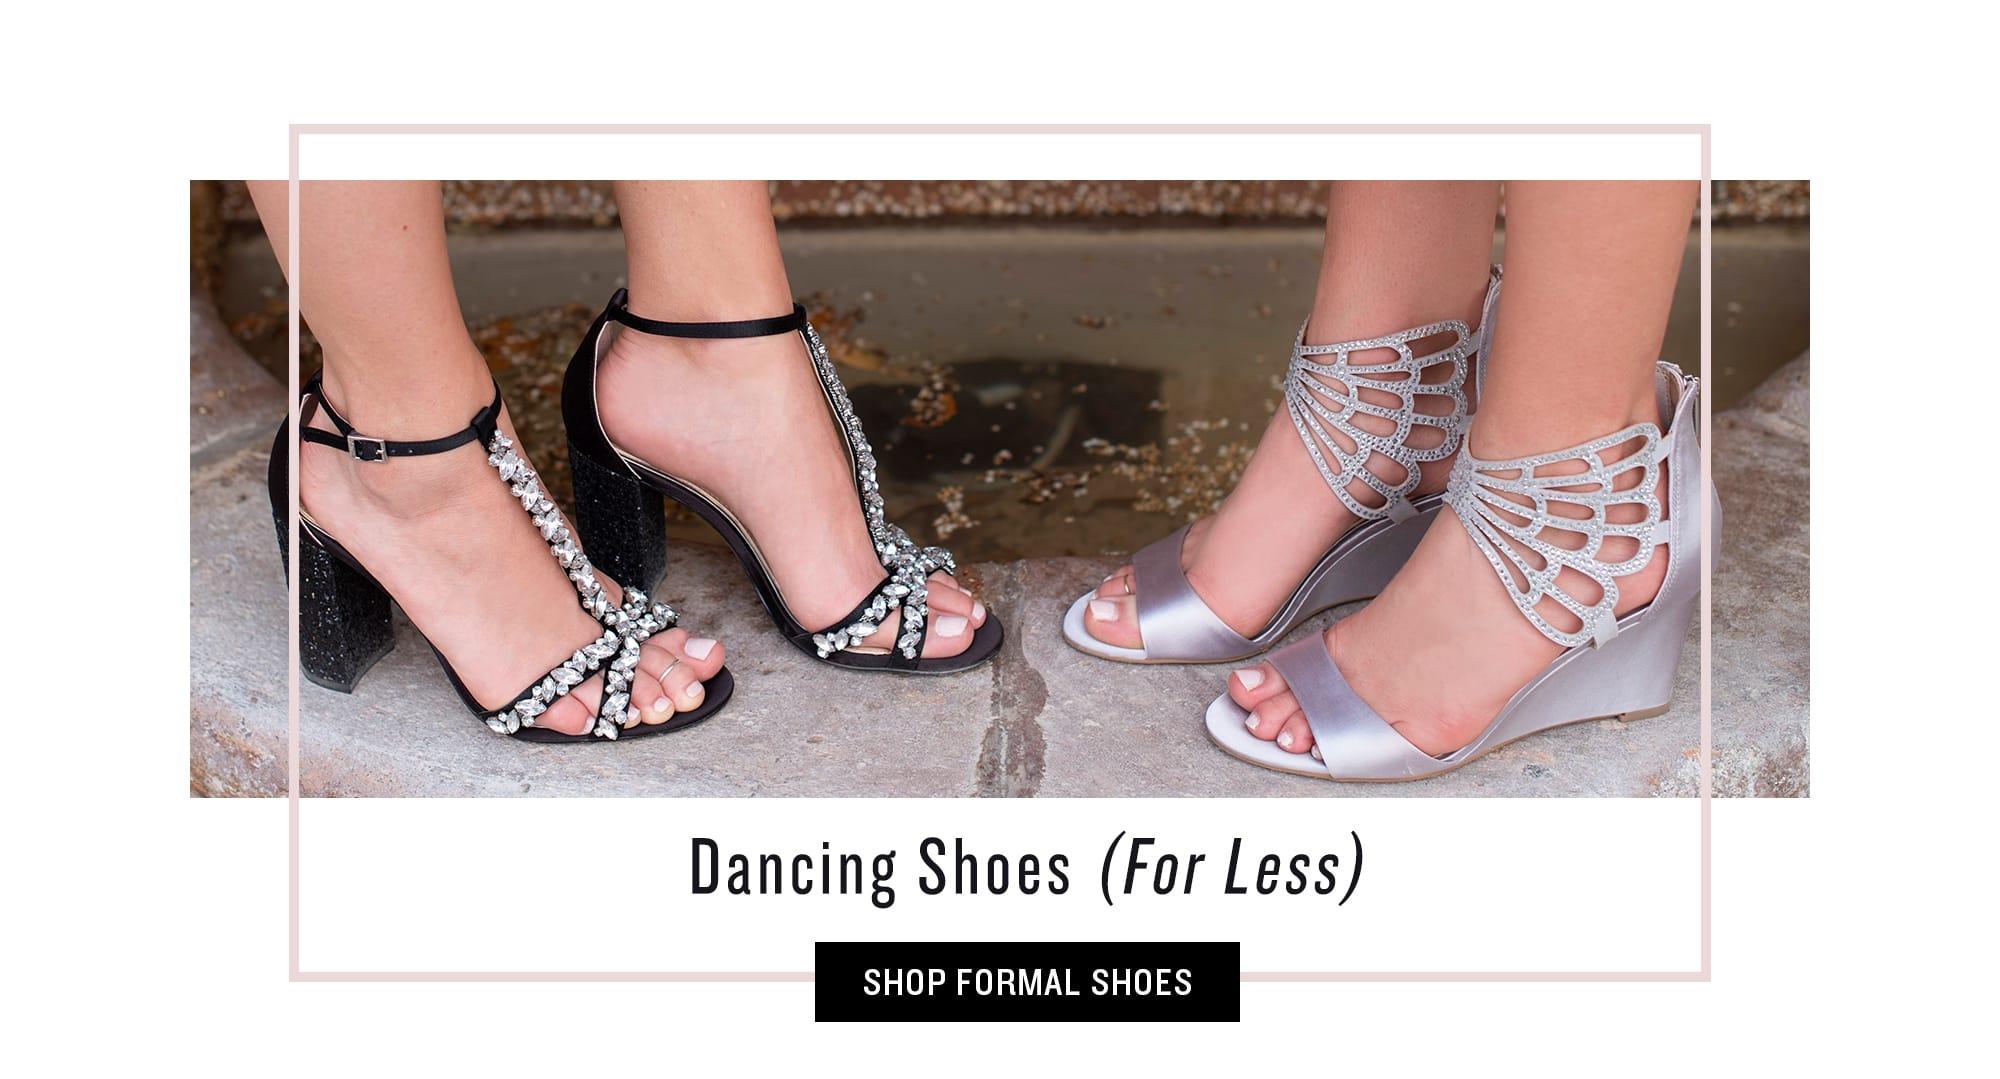 Shop Formal Shoes